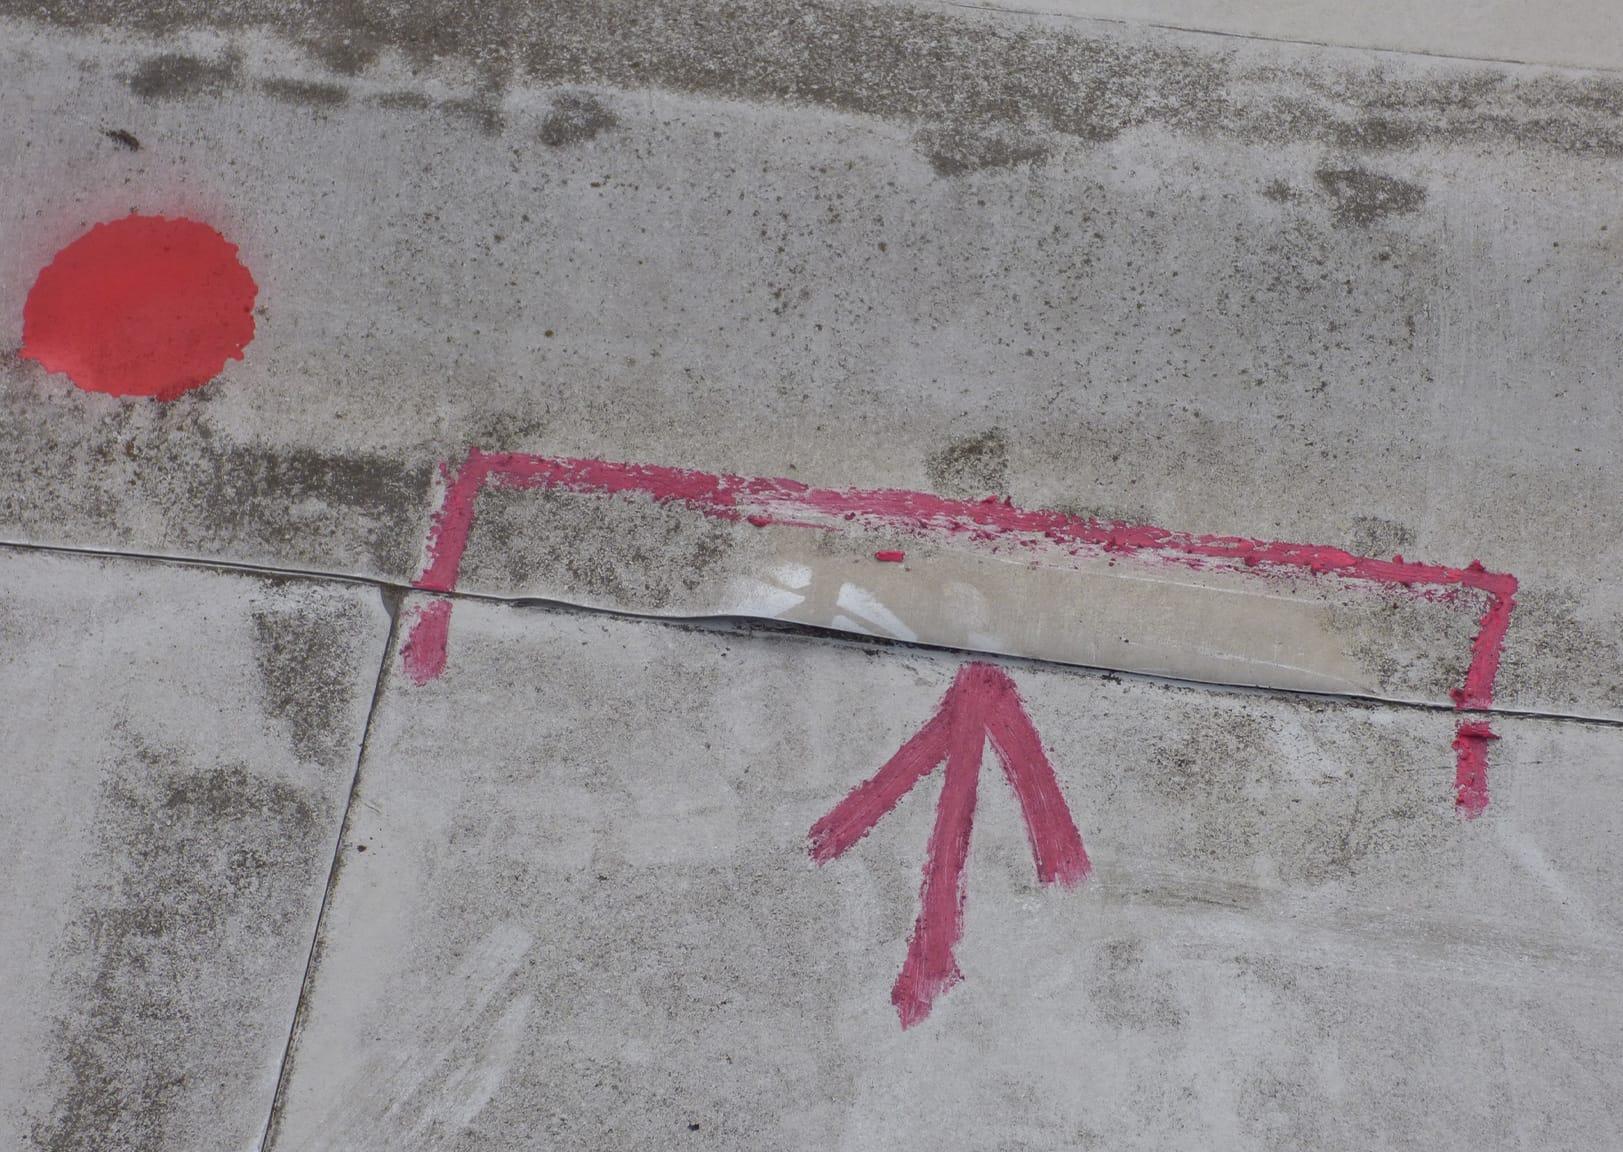 Roof Survey Leak Detection Report